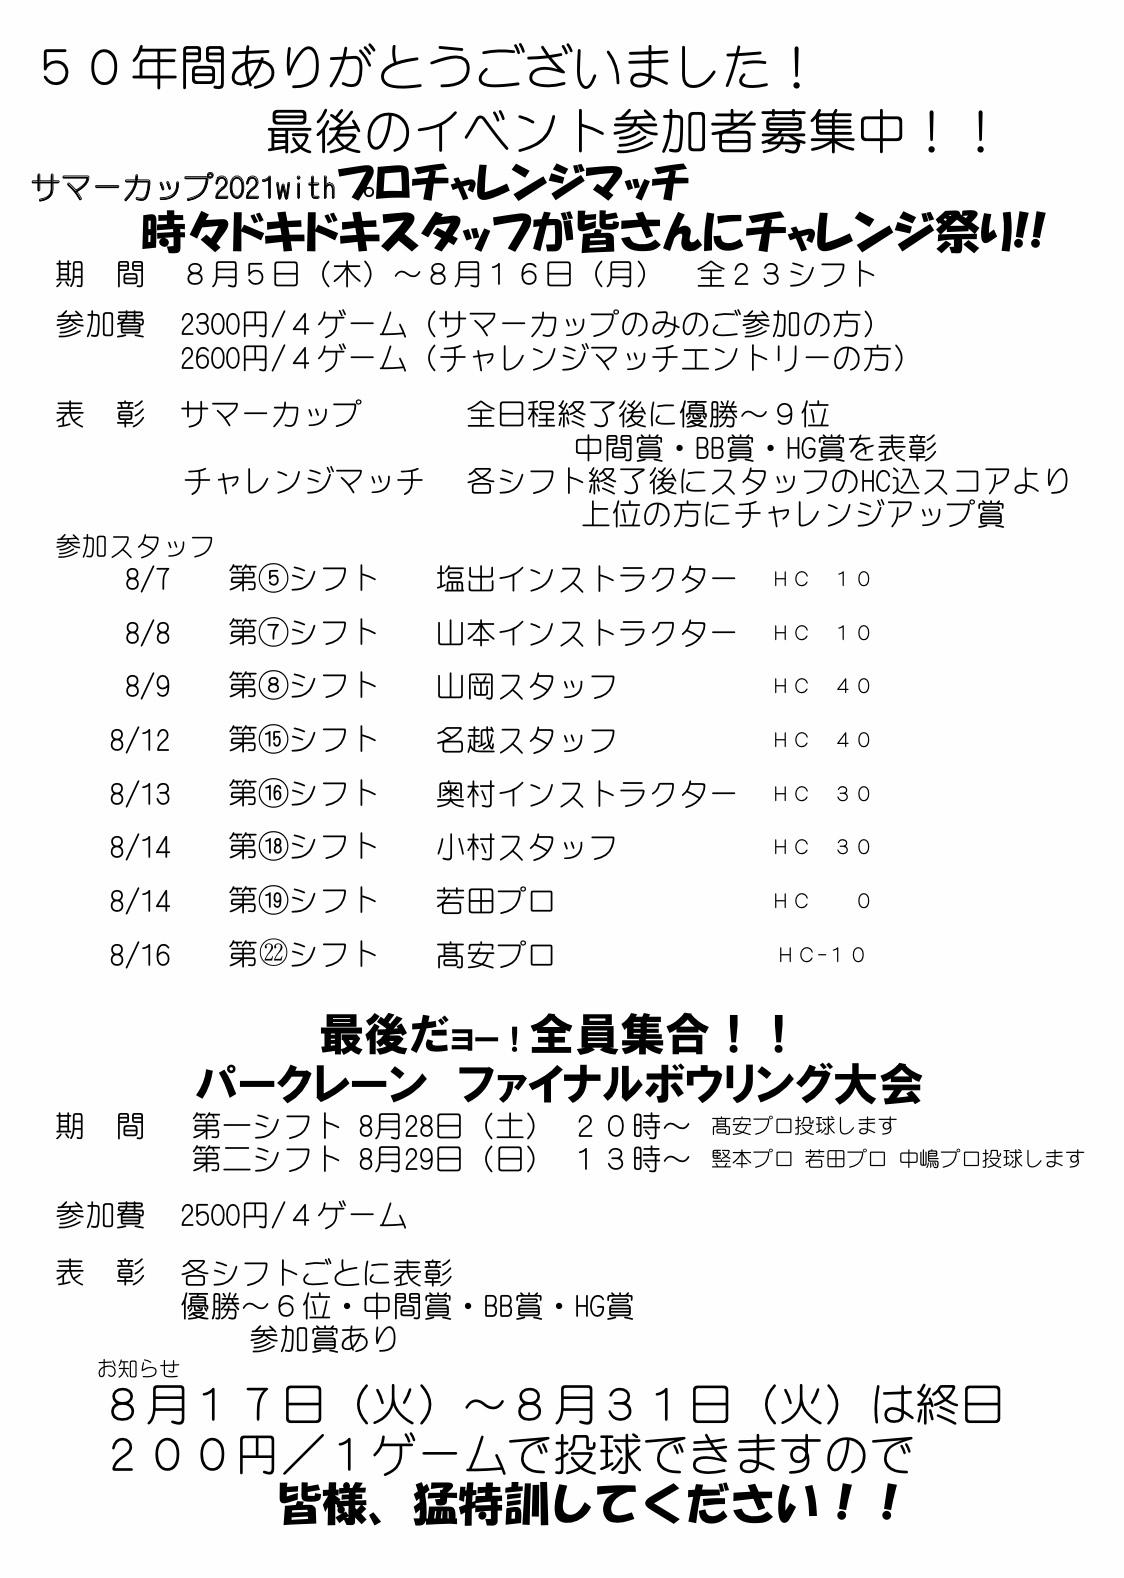 2AC5E6AE-7871-48FA-99CA-571822665E37.jpeg